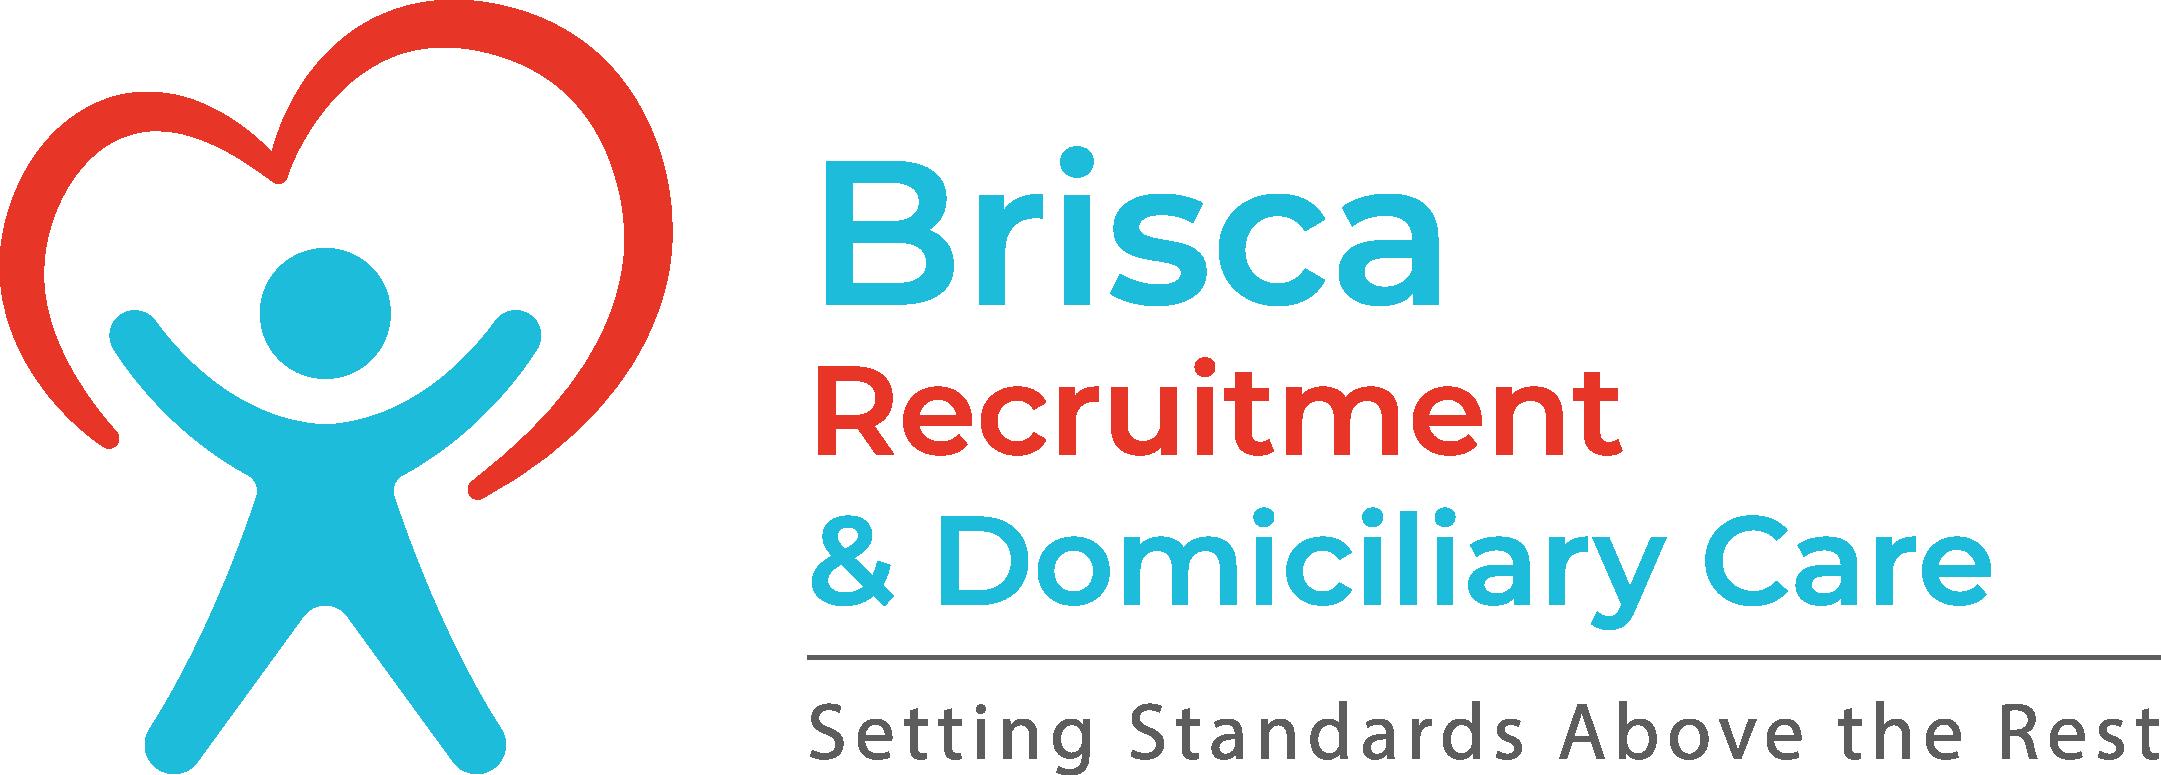 Read Brisca Recruitment and Domiciliary Care Ltd Reviews